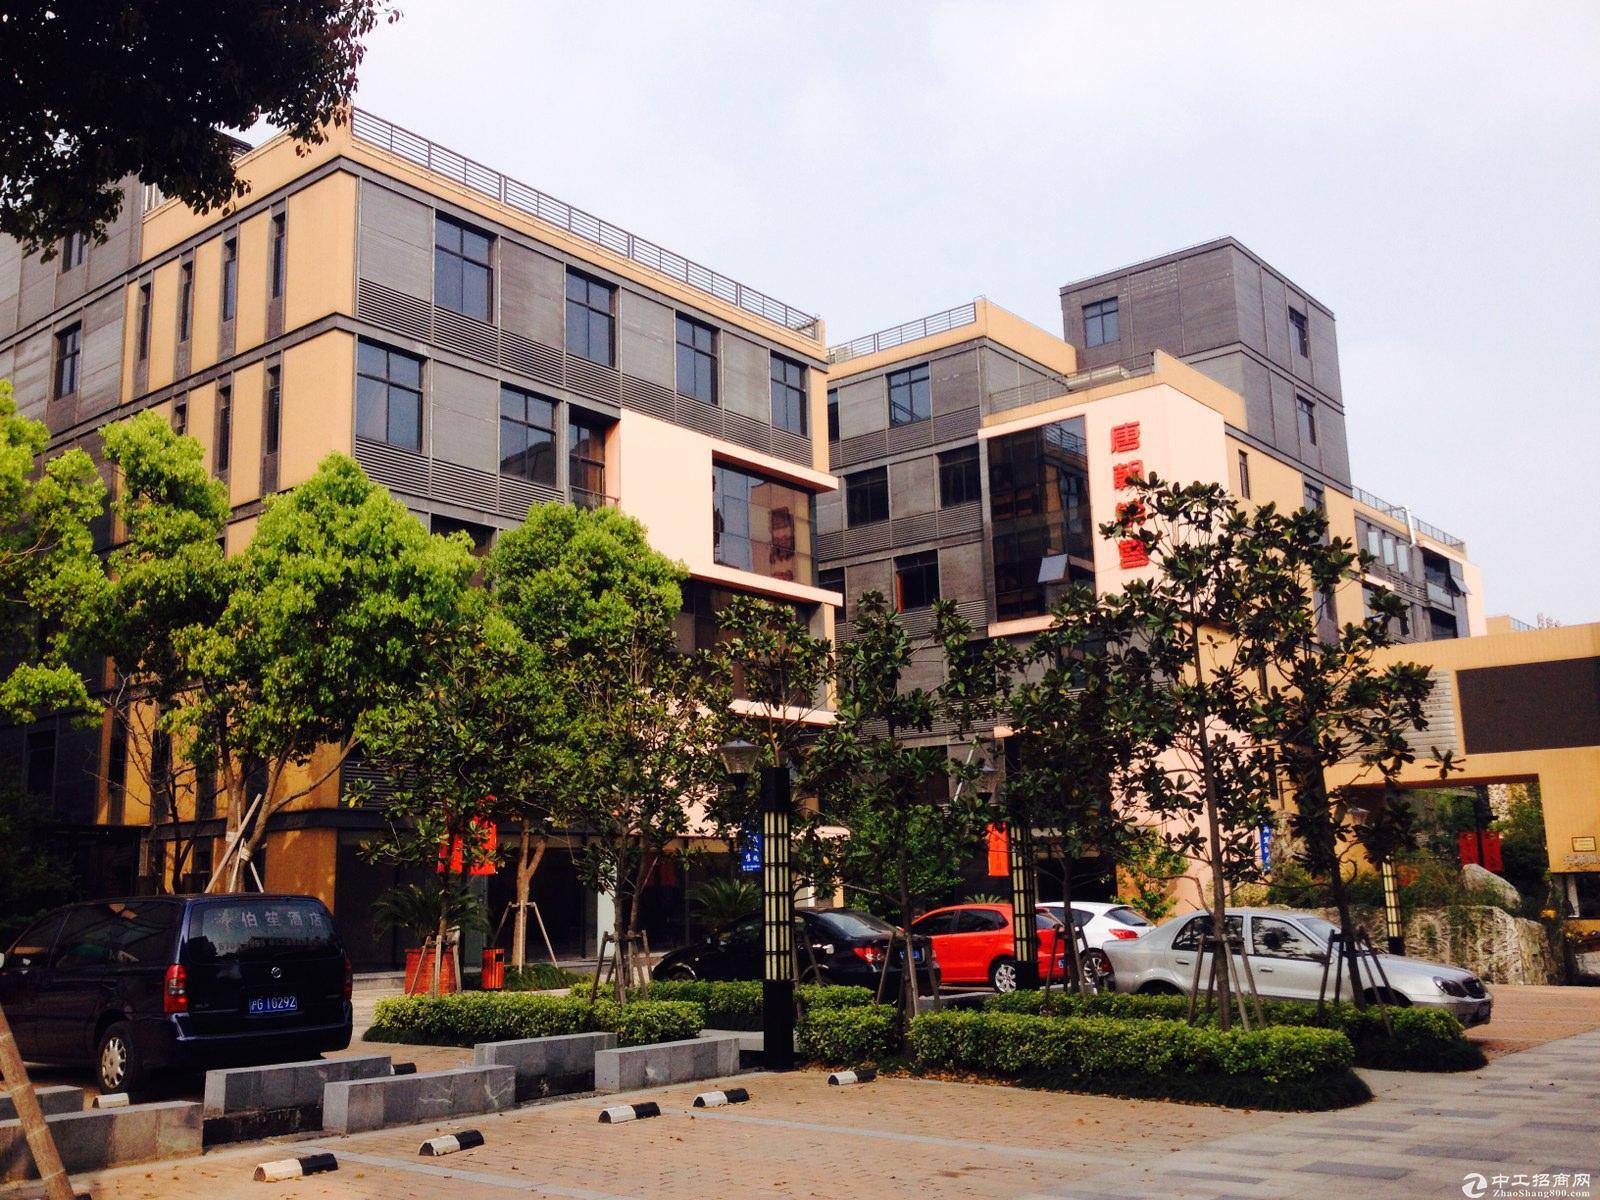 嘉定宝山高品质园区独栋四层精装绿证可仓储办公总部型工业类诚售